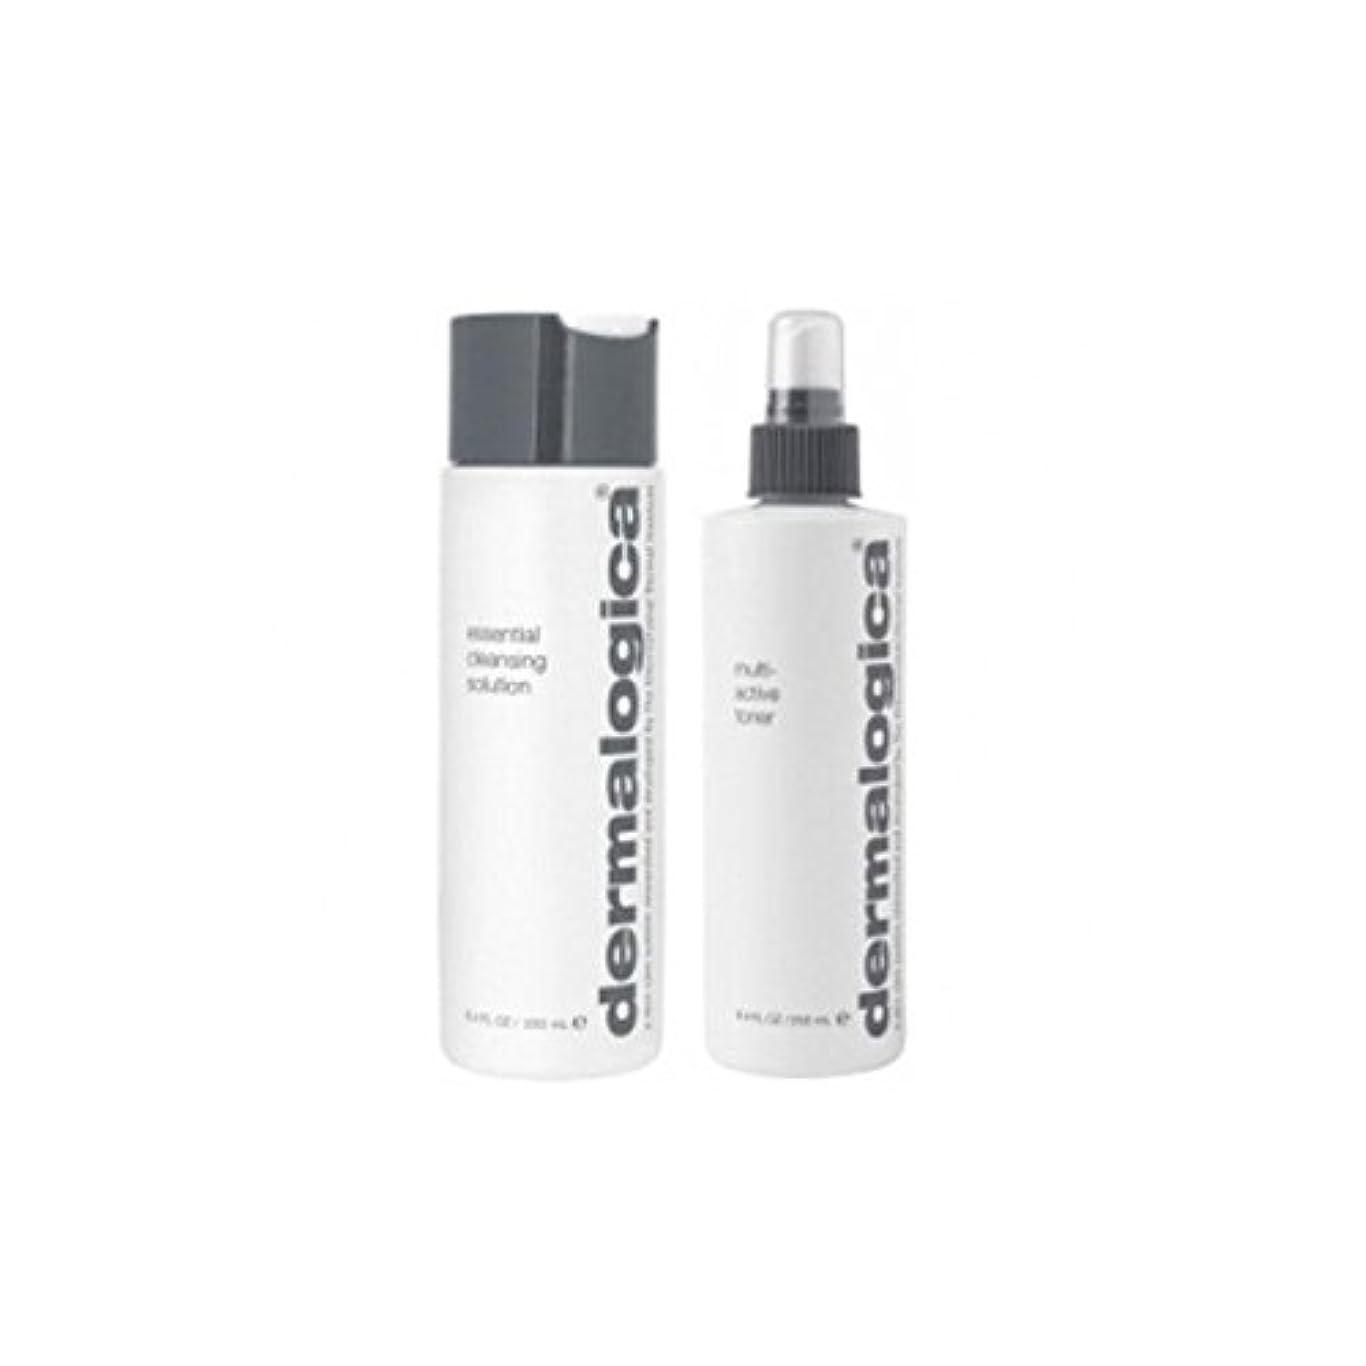 ネコ間違えた狂ったDermalogica Cleanse & Tone Duo - Dry Skin - ダーマロジカクレンジング&トーンデュオ - 乾燥肌 [並行輸入品]